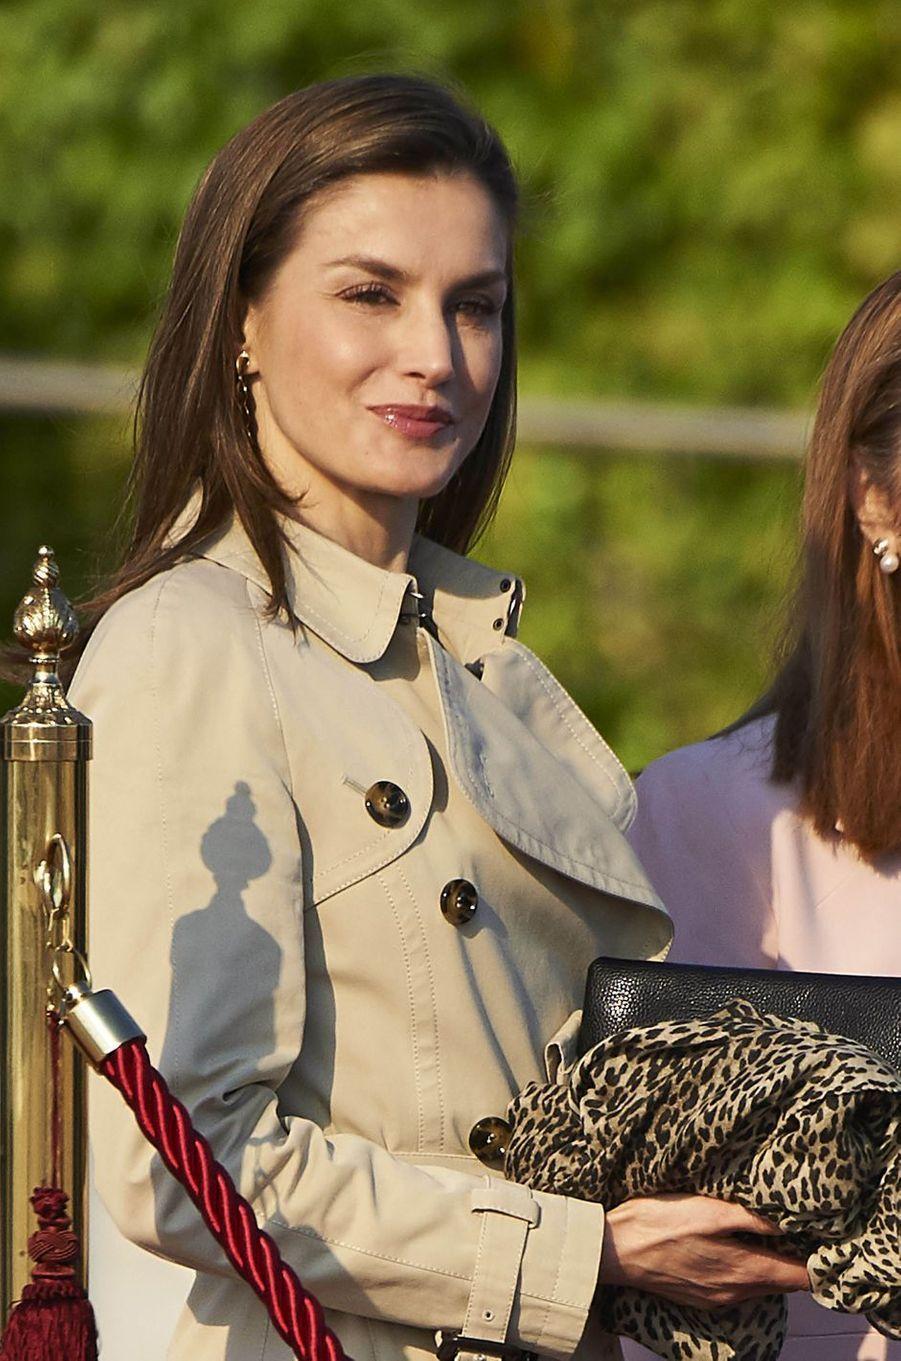 La reine Letizia d'Espagne à Madrid, le 3 avril 2017